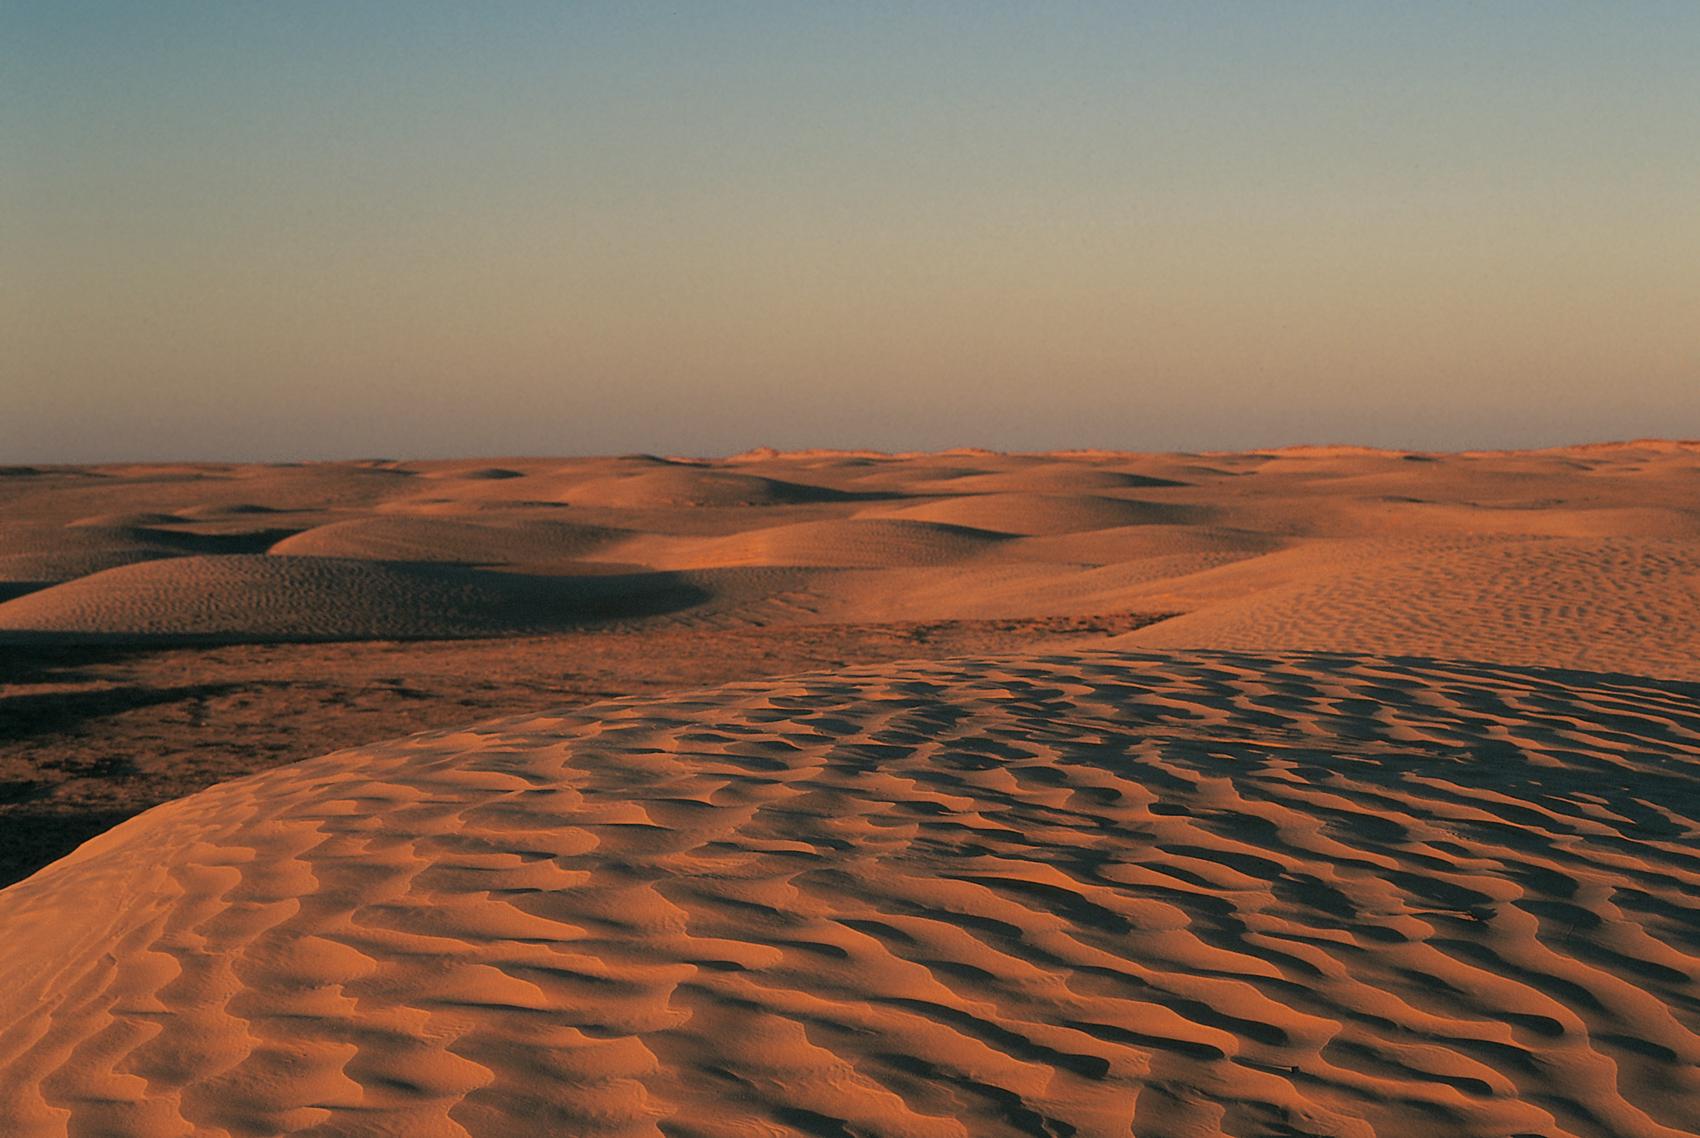 Feinstaub kommt auch aus der sahara umweltbundesamt for Boden bilder